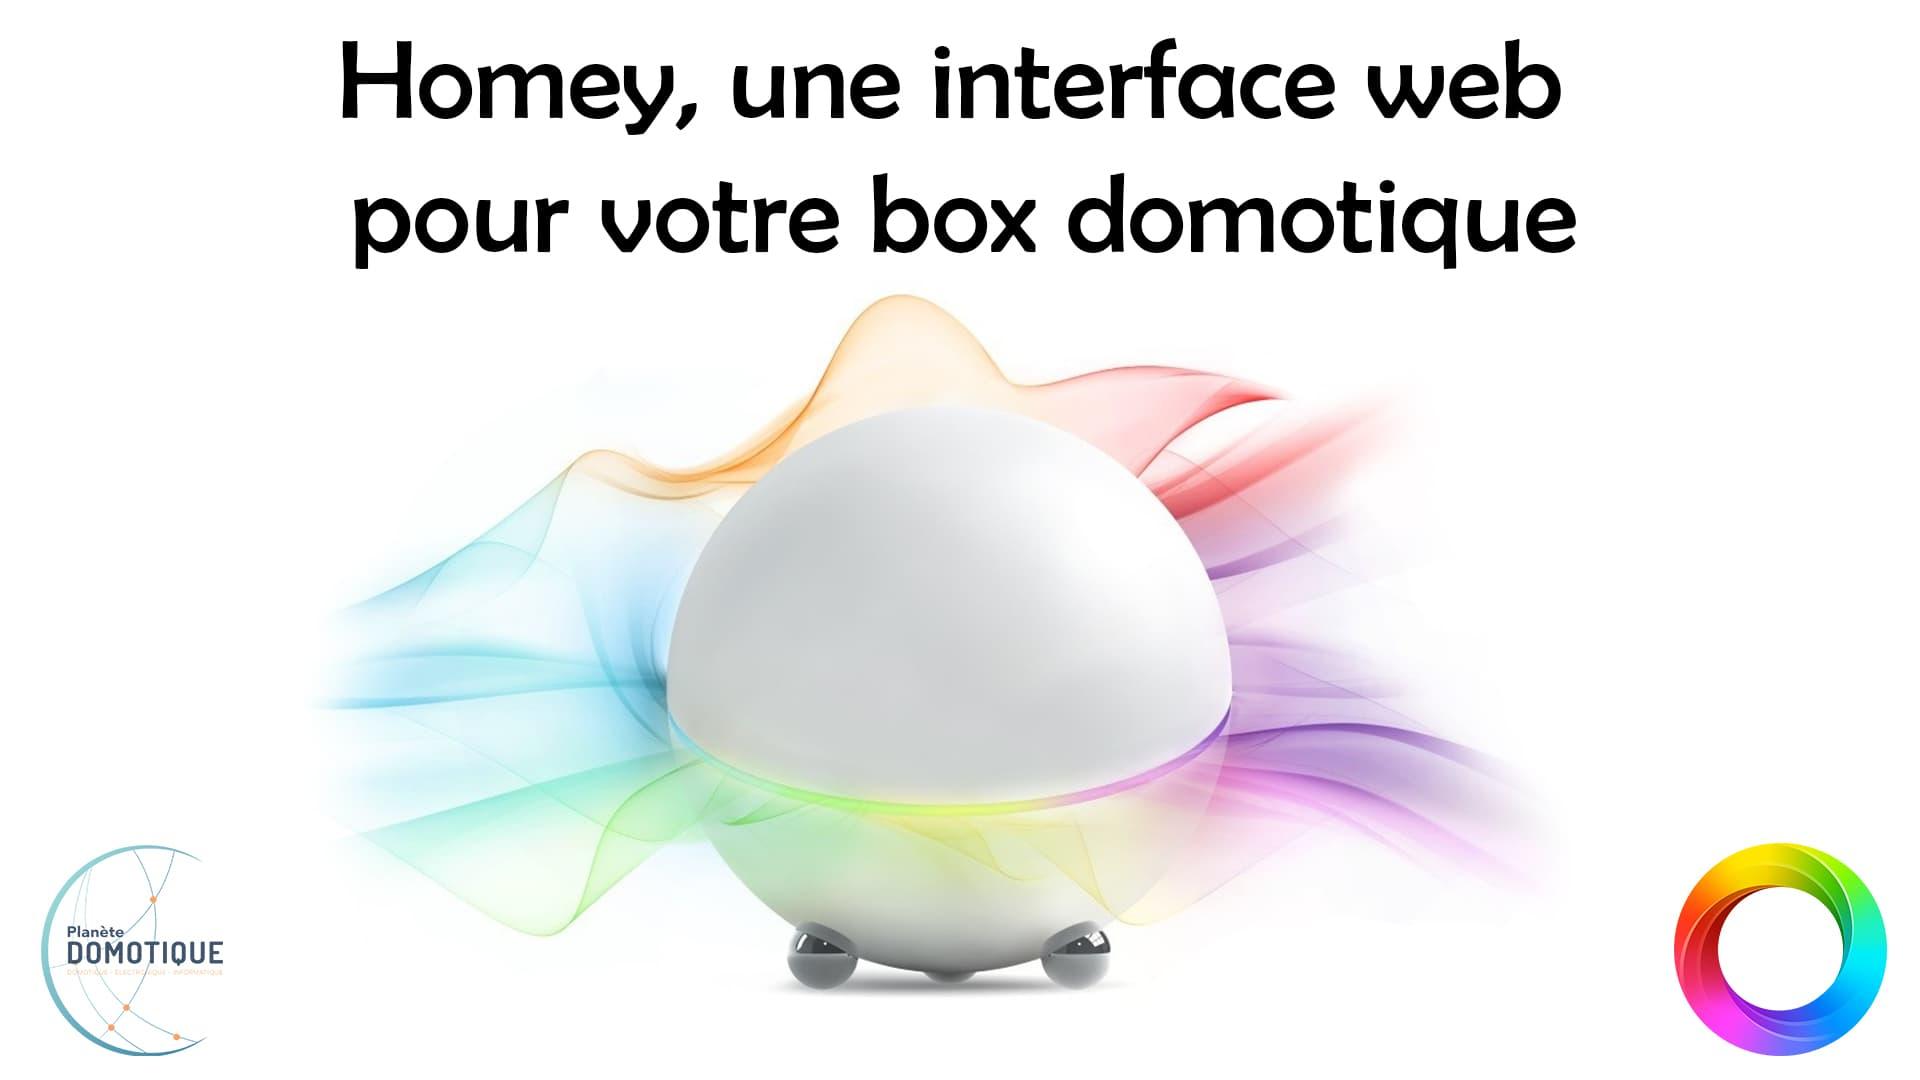 Homey, une interface web pour votre box domotique